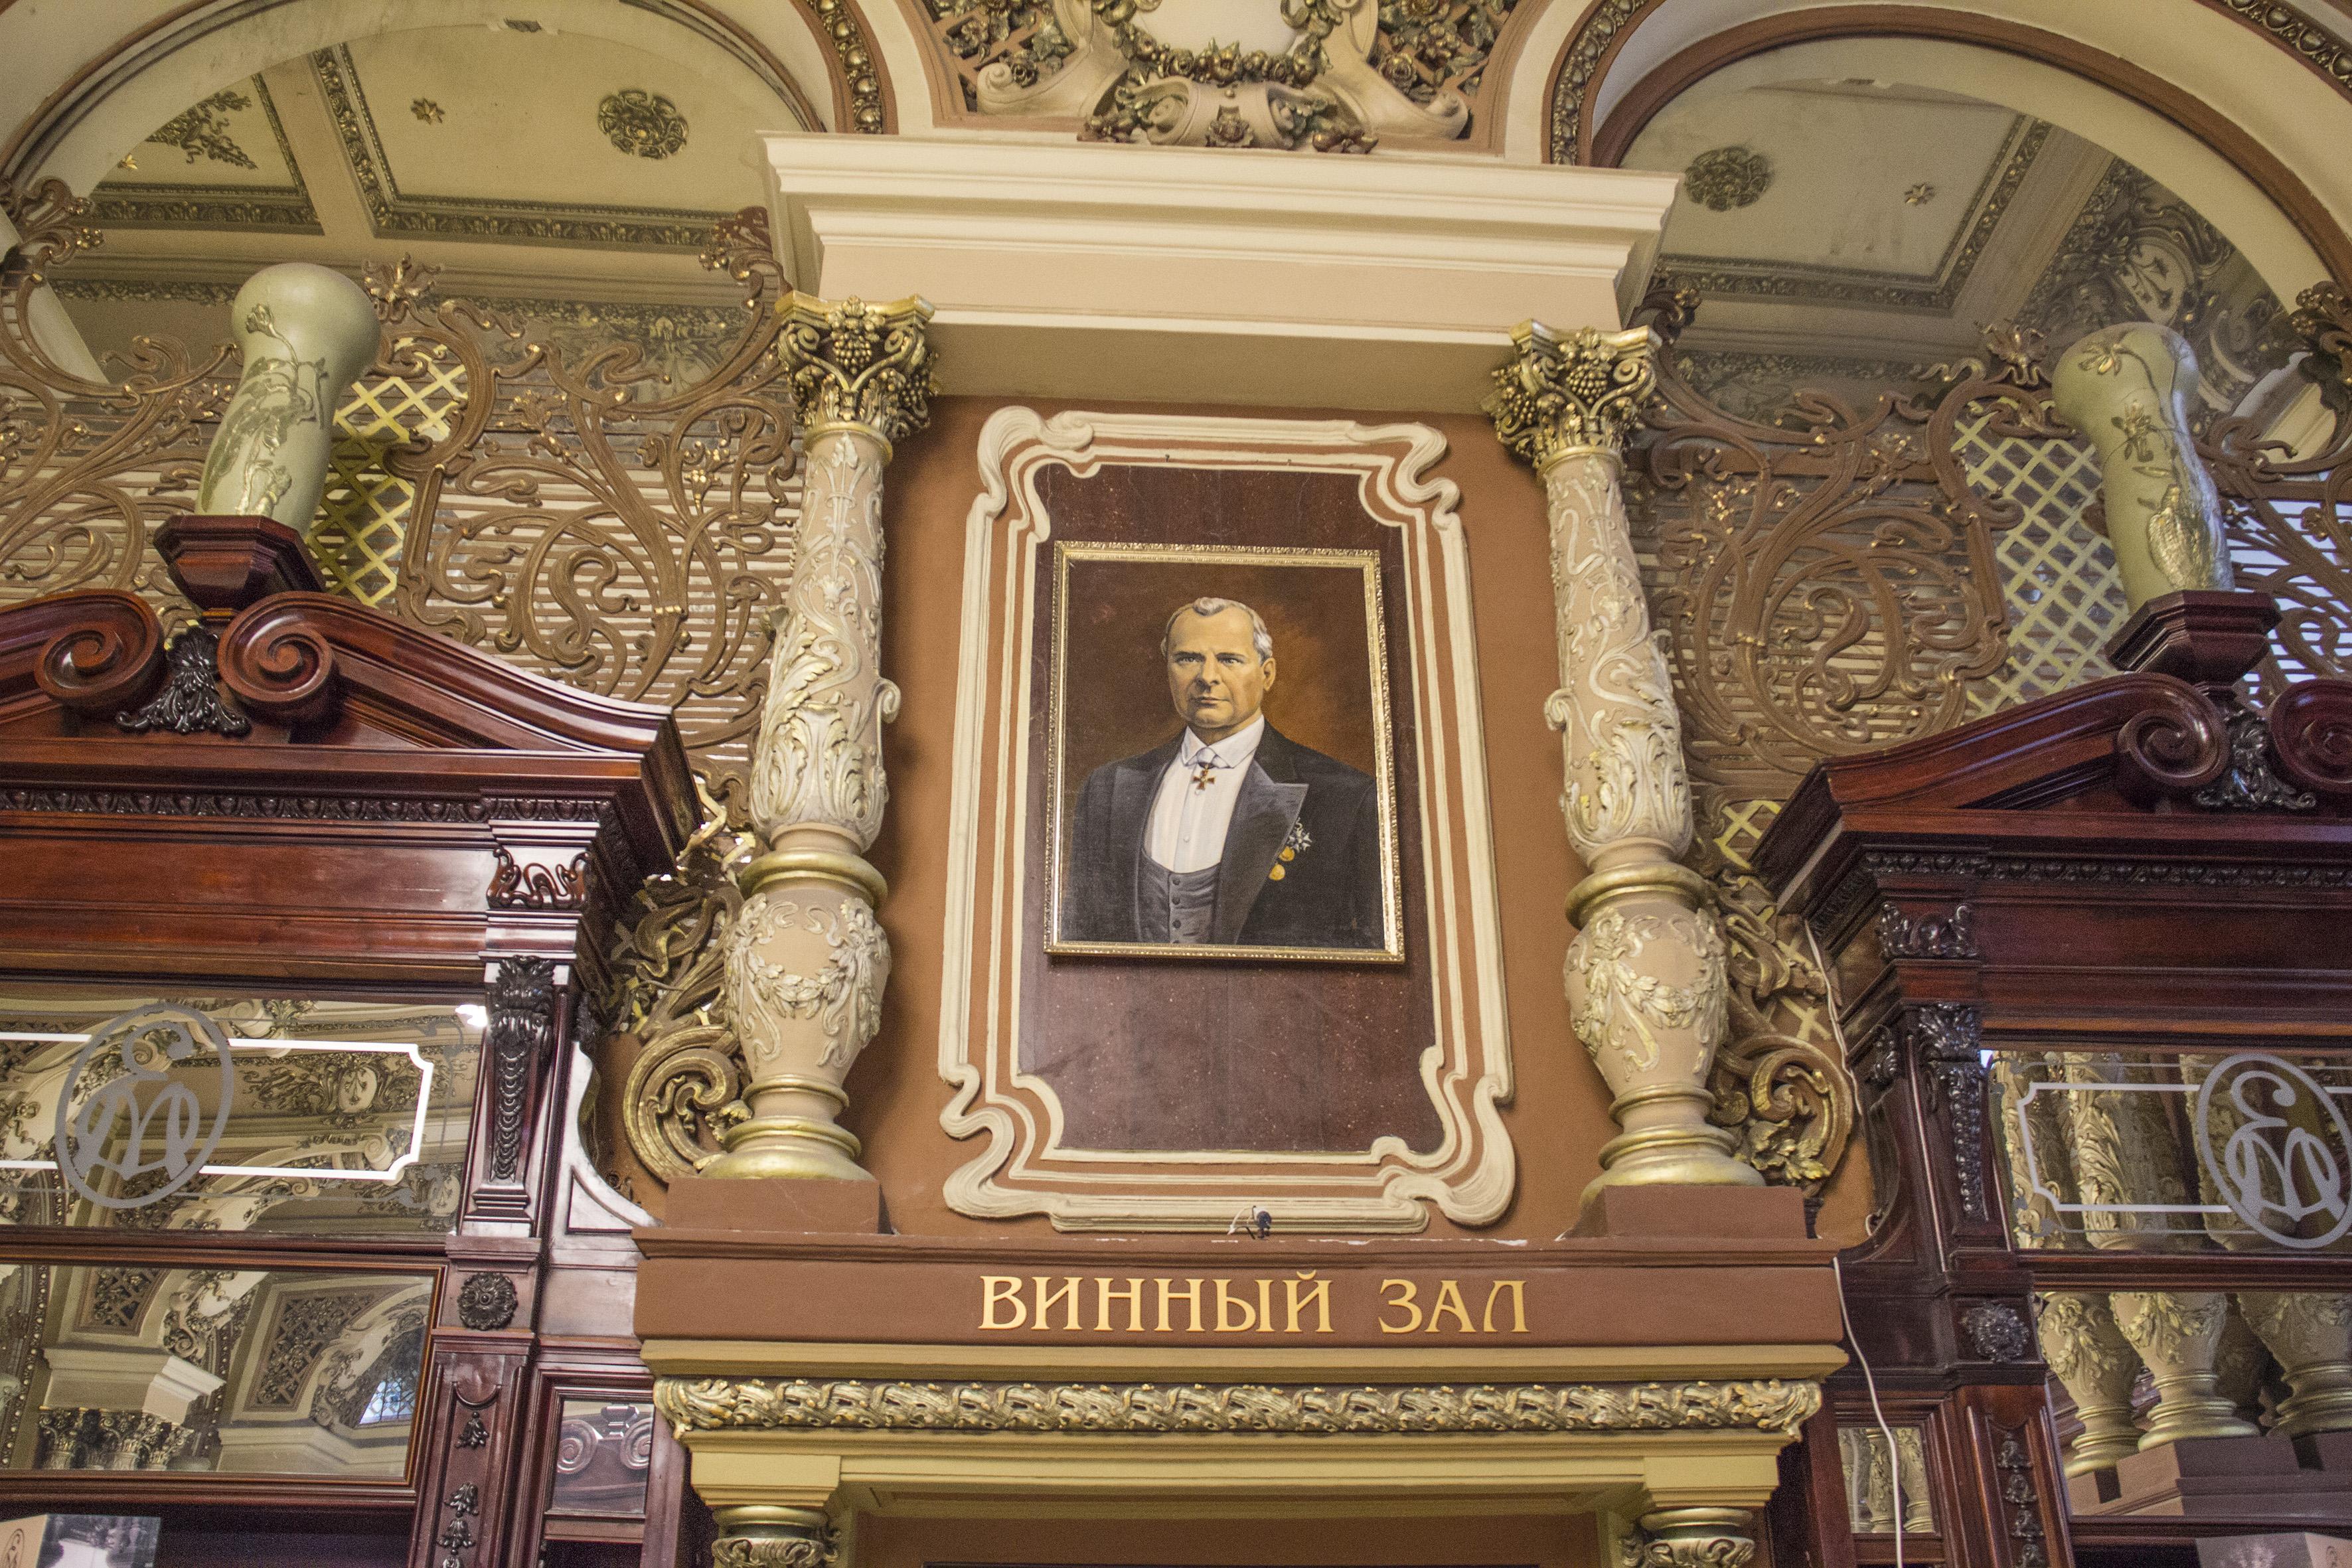 Над входом в винный зал висит портрет Г.Г. Елисеева.